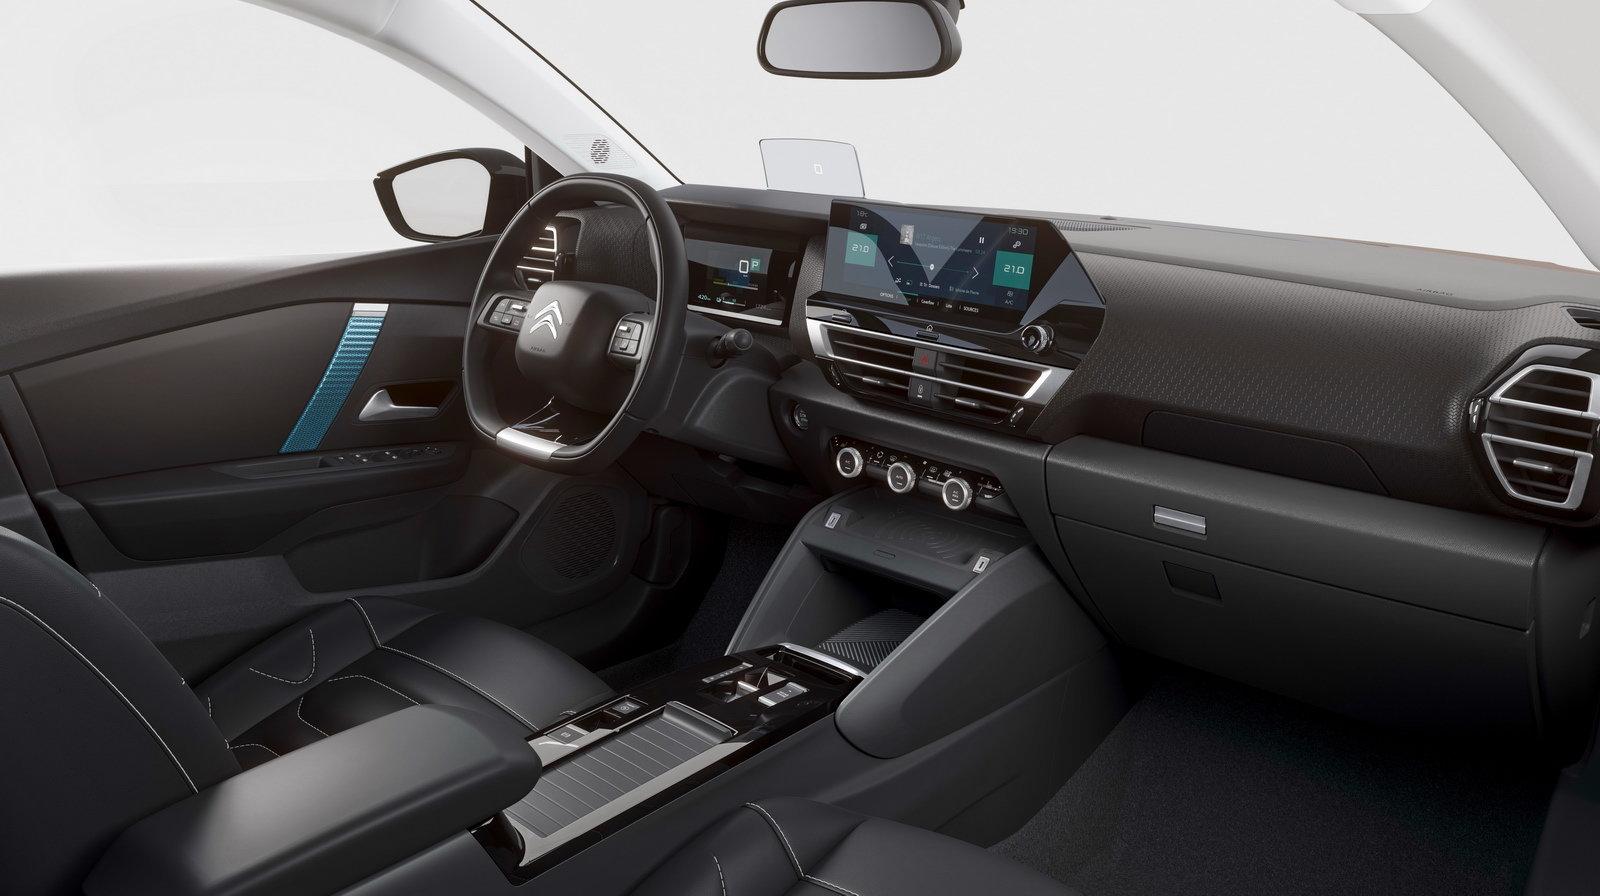 Nuova Citroën e-C4: la plancia completamente rinnovata